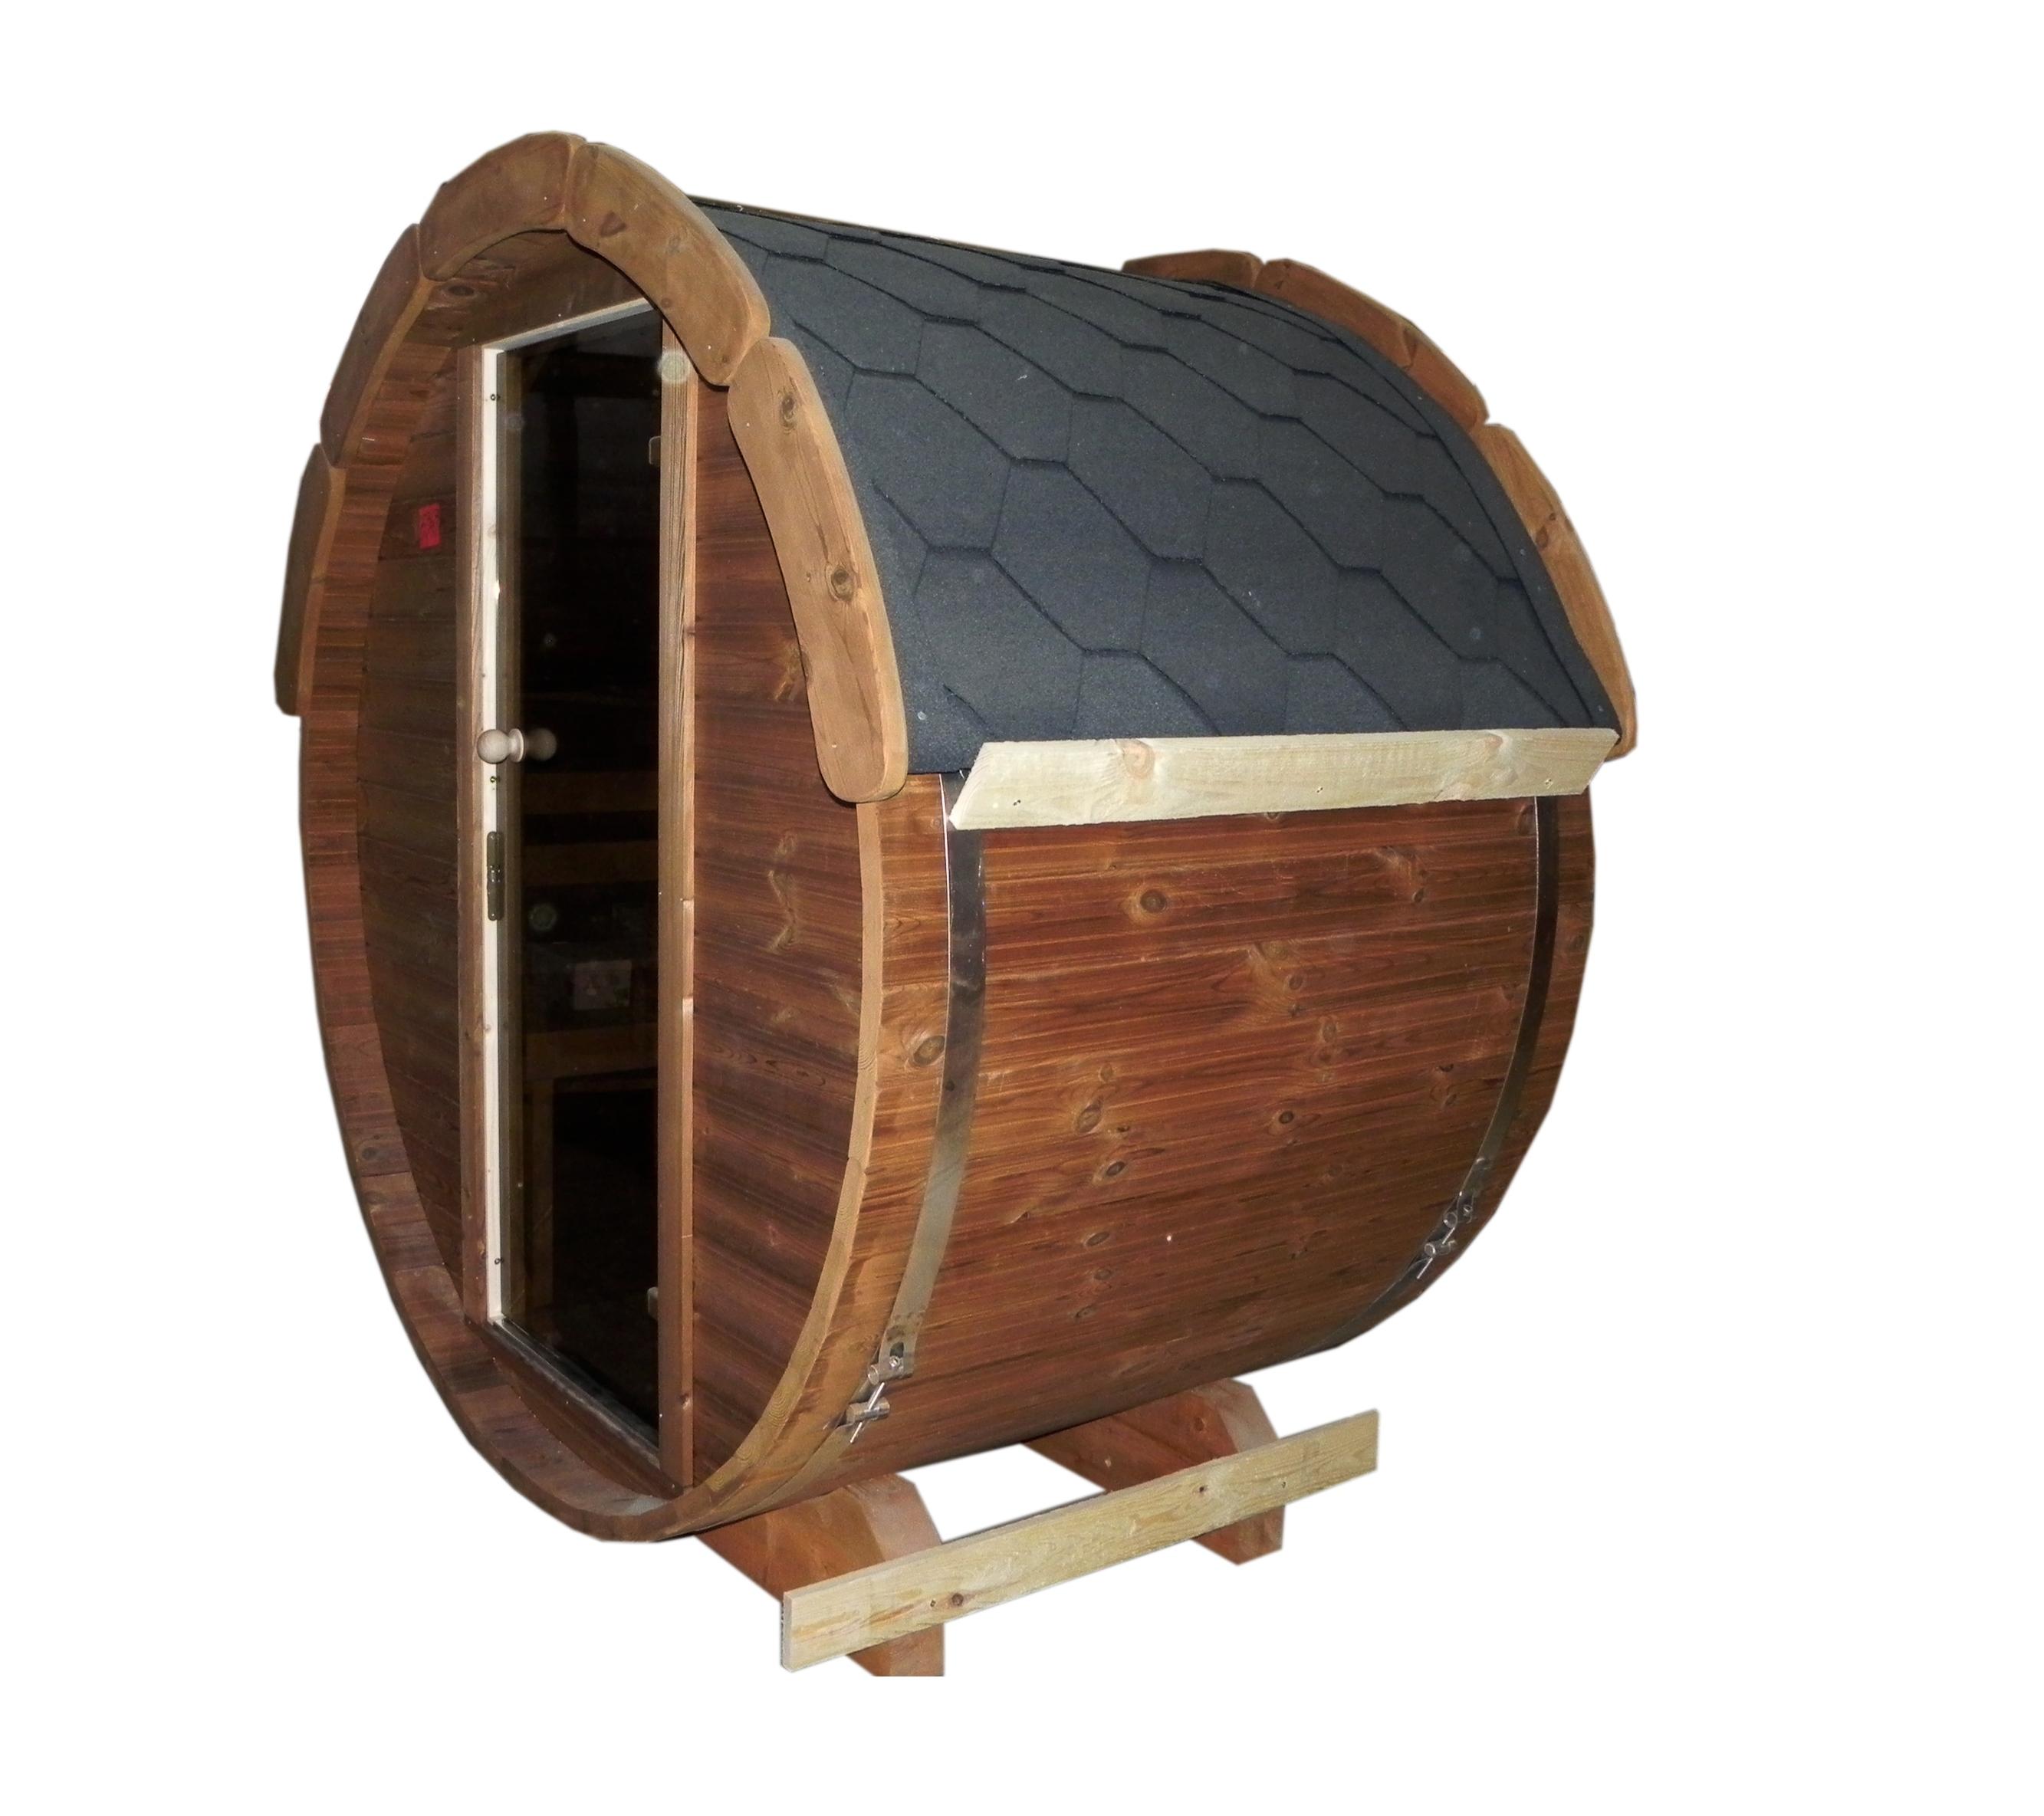 die lieferung der wohl kleinsten fasssauna der welt. Black Bedroom Furniture Sets. Home Design Ideas